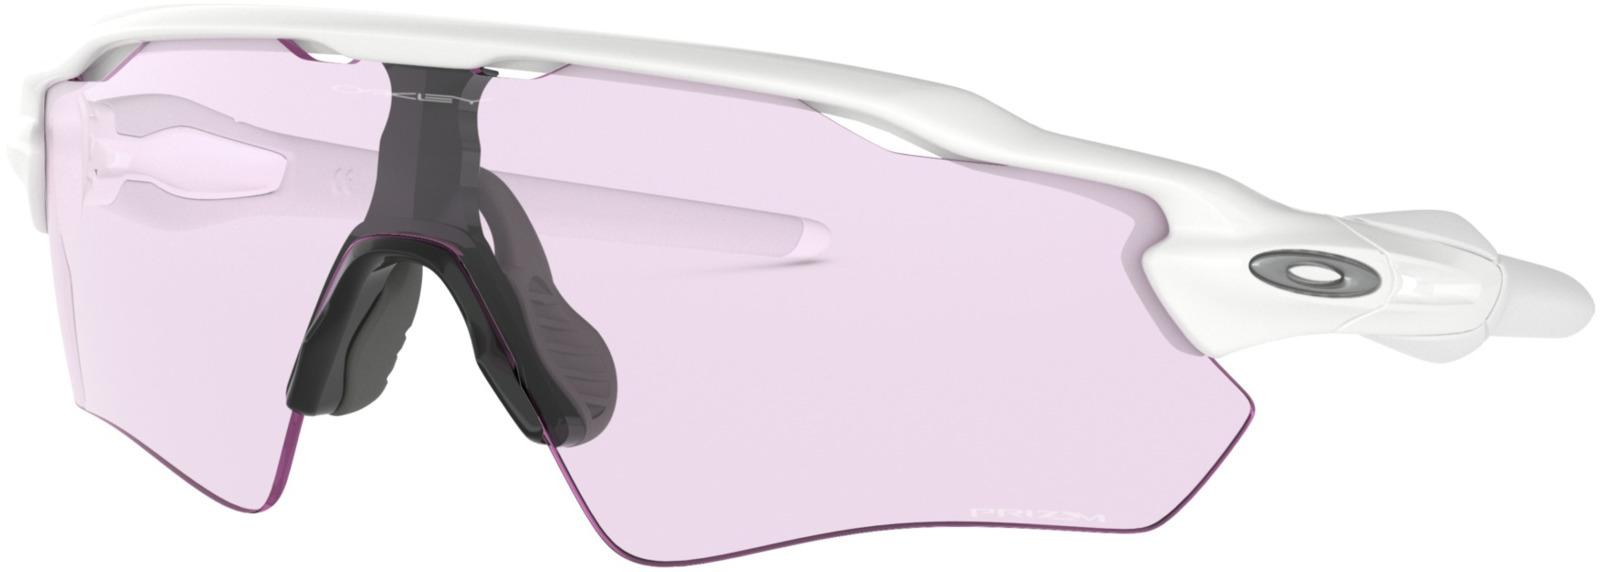 цена на Велосипедные очки Oakley Radar Ev Path Polished, цвет: белый, серый